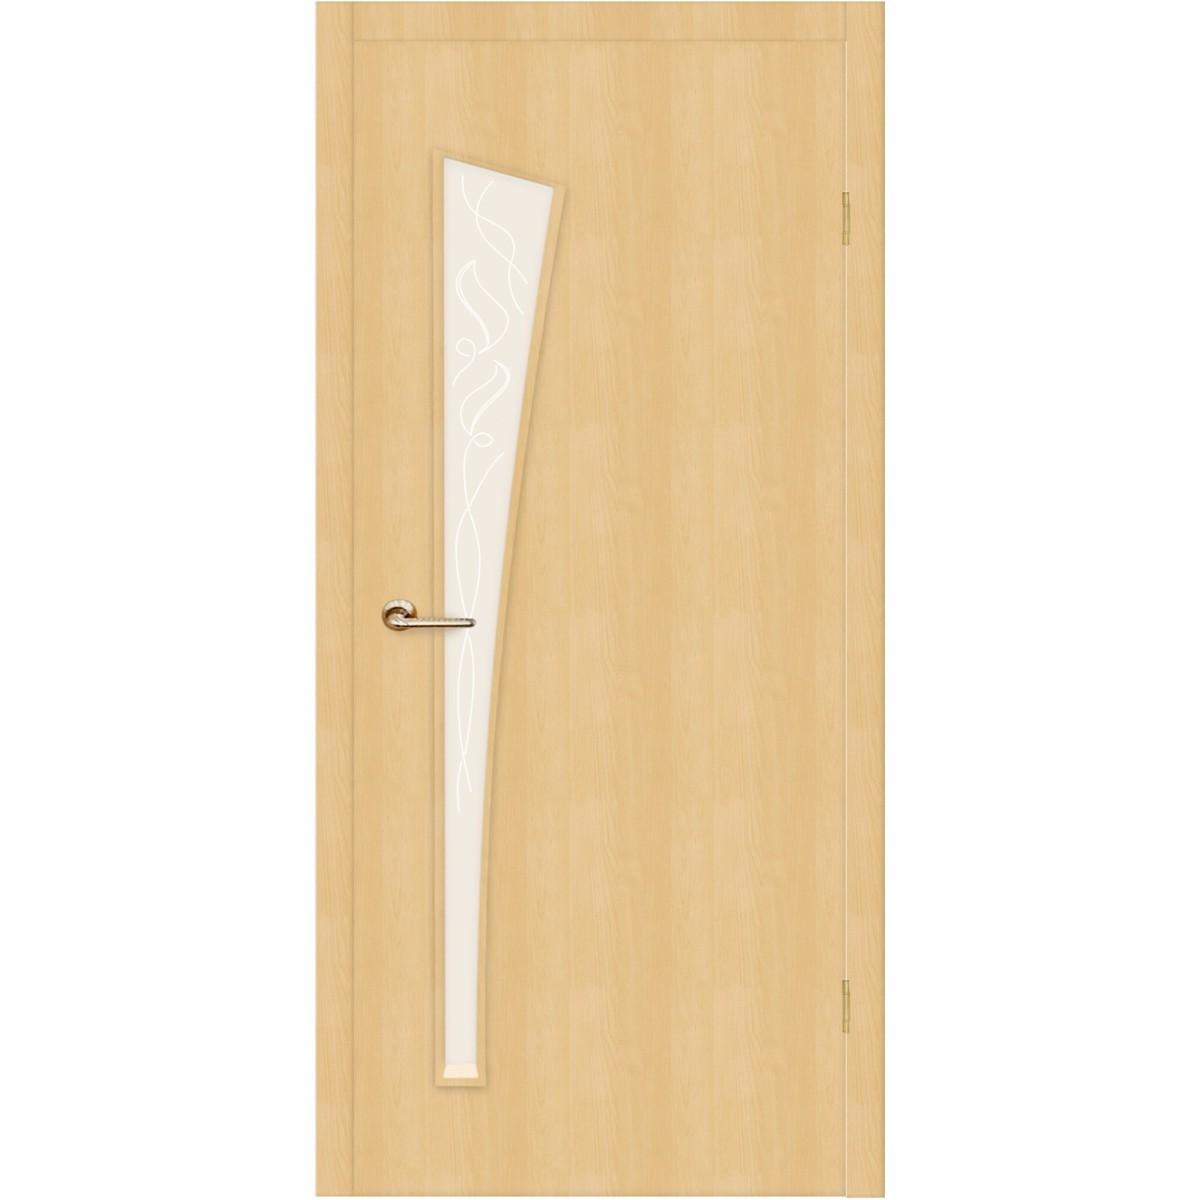 Дверь межкомнатная остеклённая Belleza 80x200 см ламинация цвет дуб белый